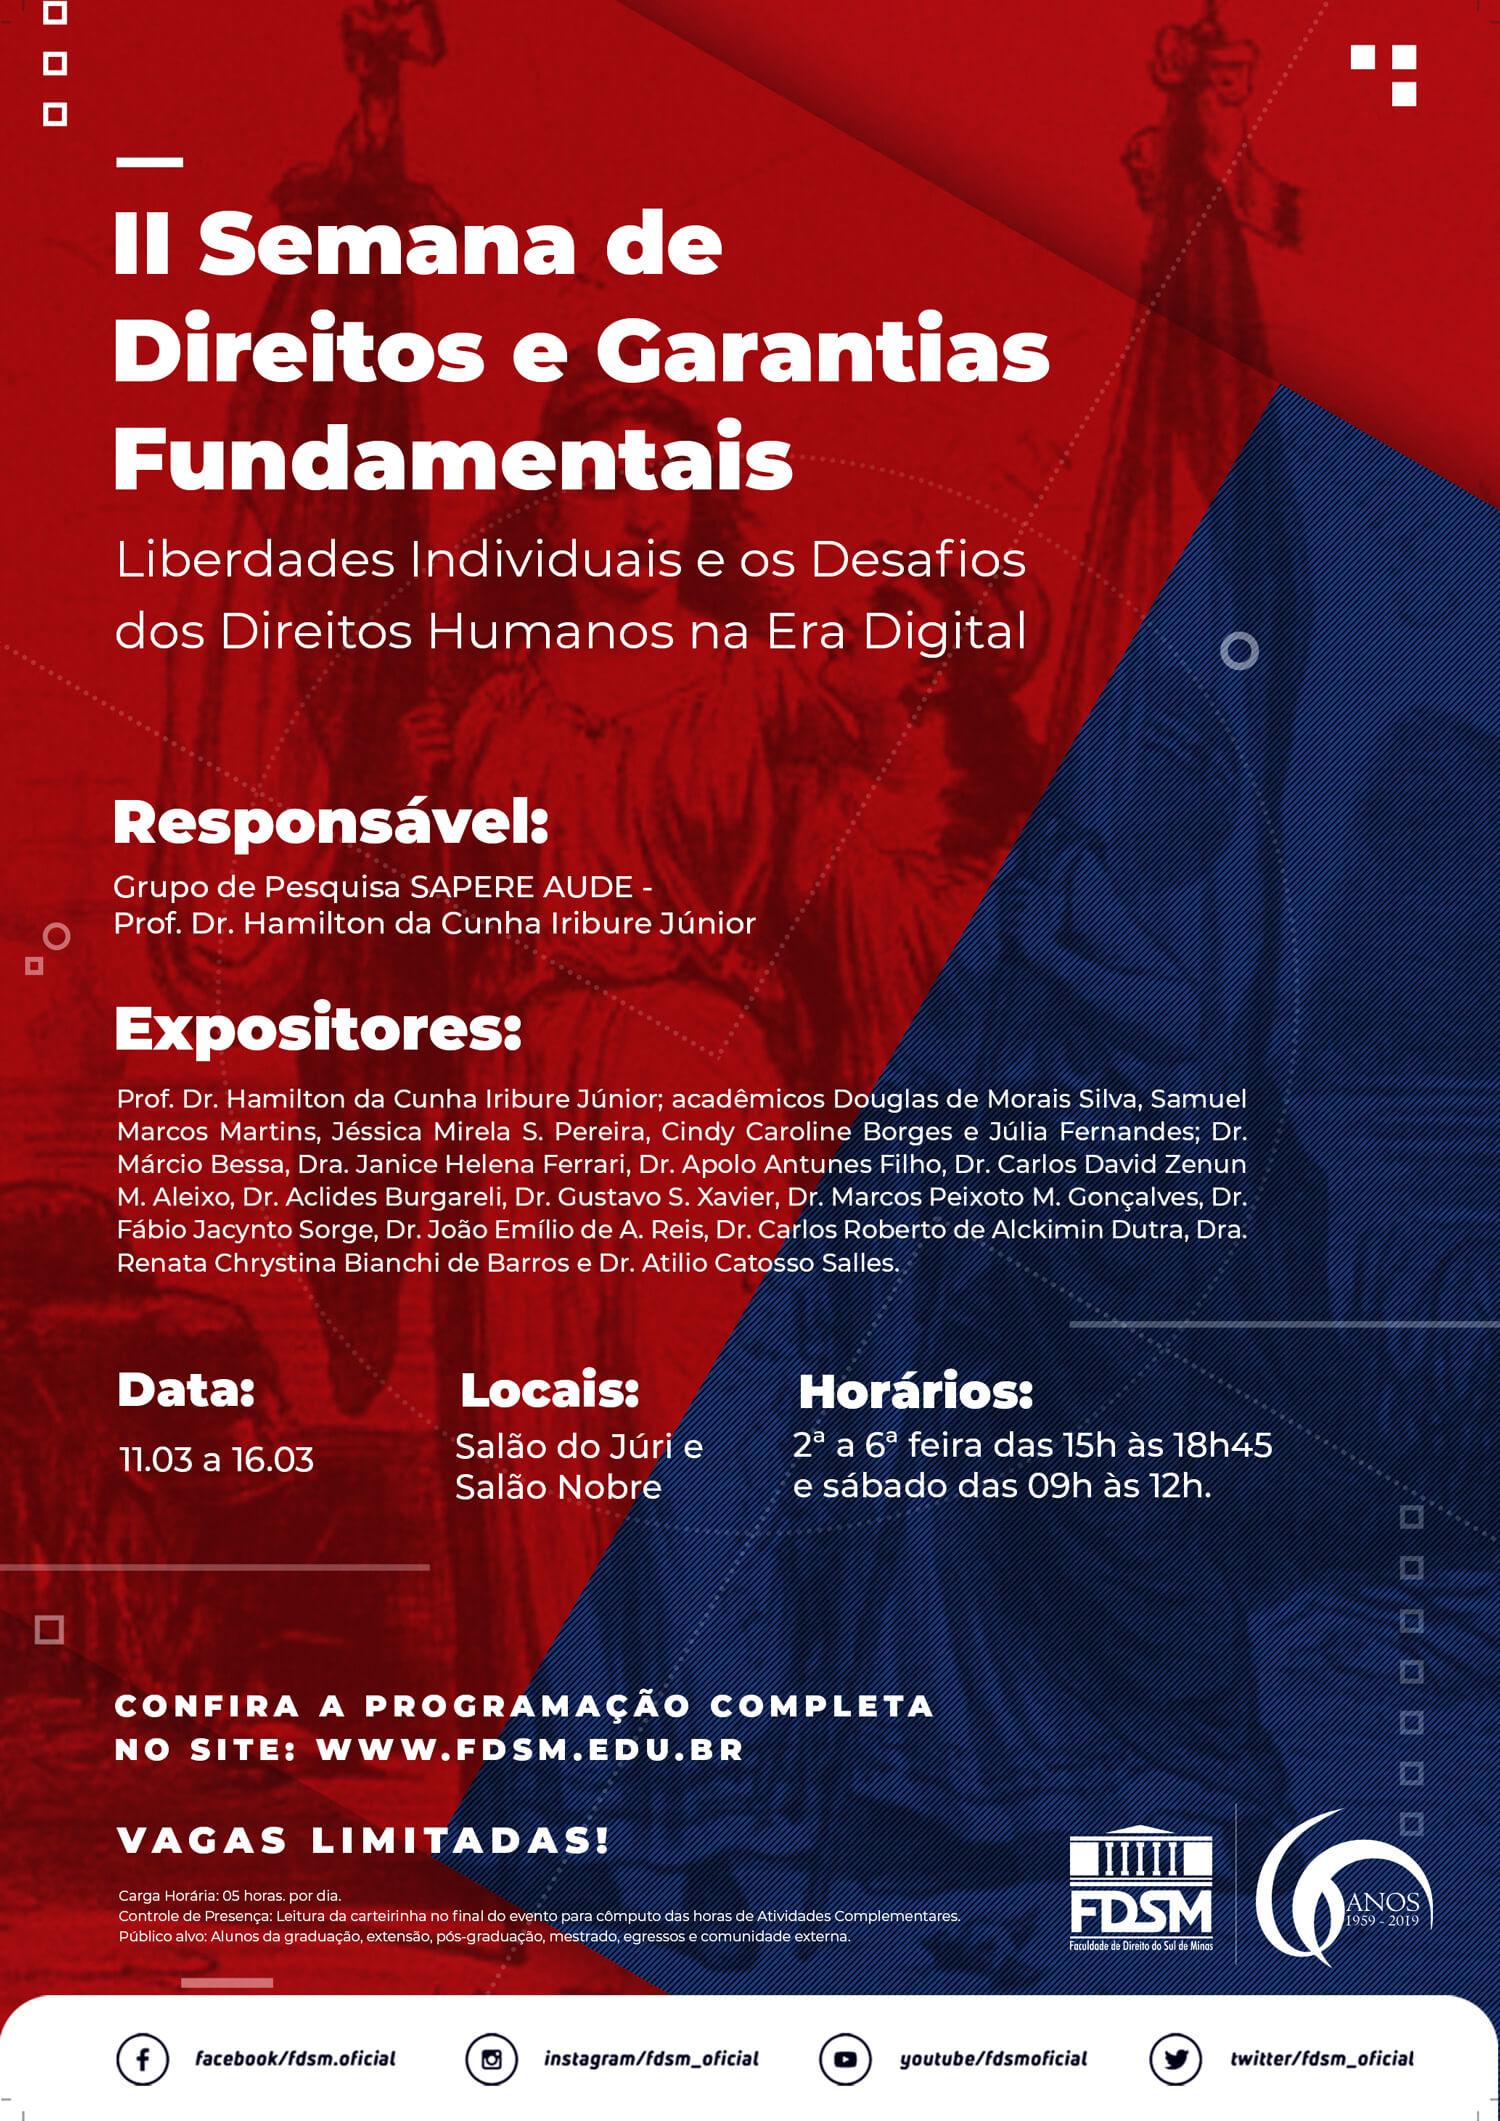 II Semana de Direitos e Garantias Fundamentais - Liberdades Individuais e os Desafios dos Direitos Humanos na Era Digital